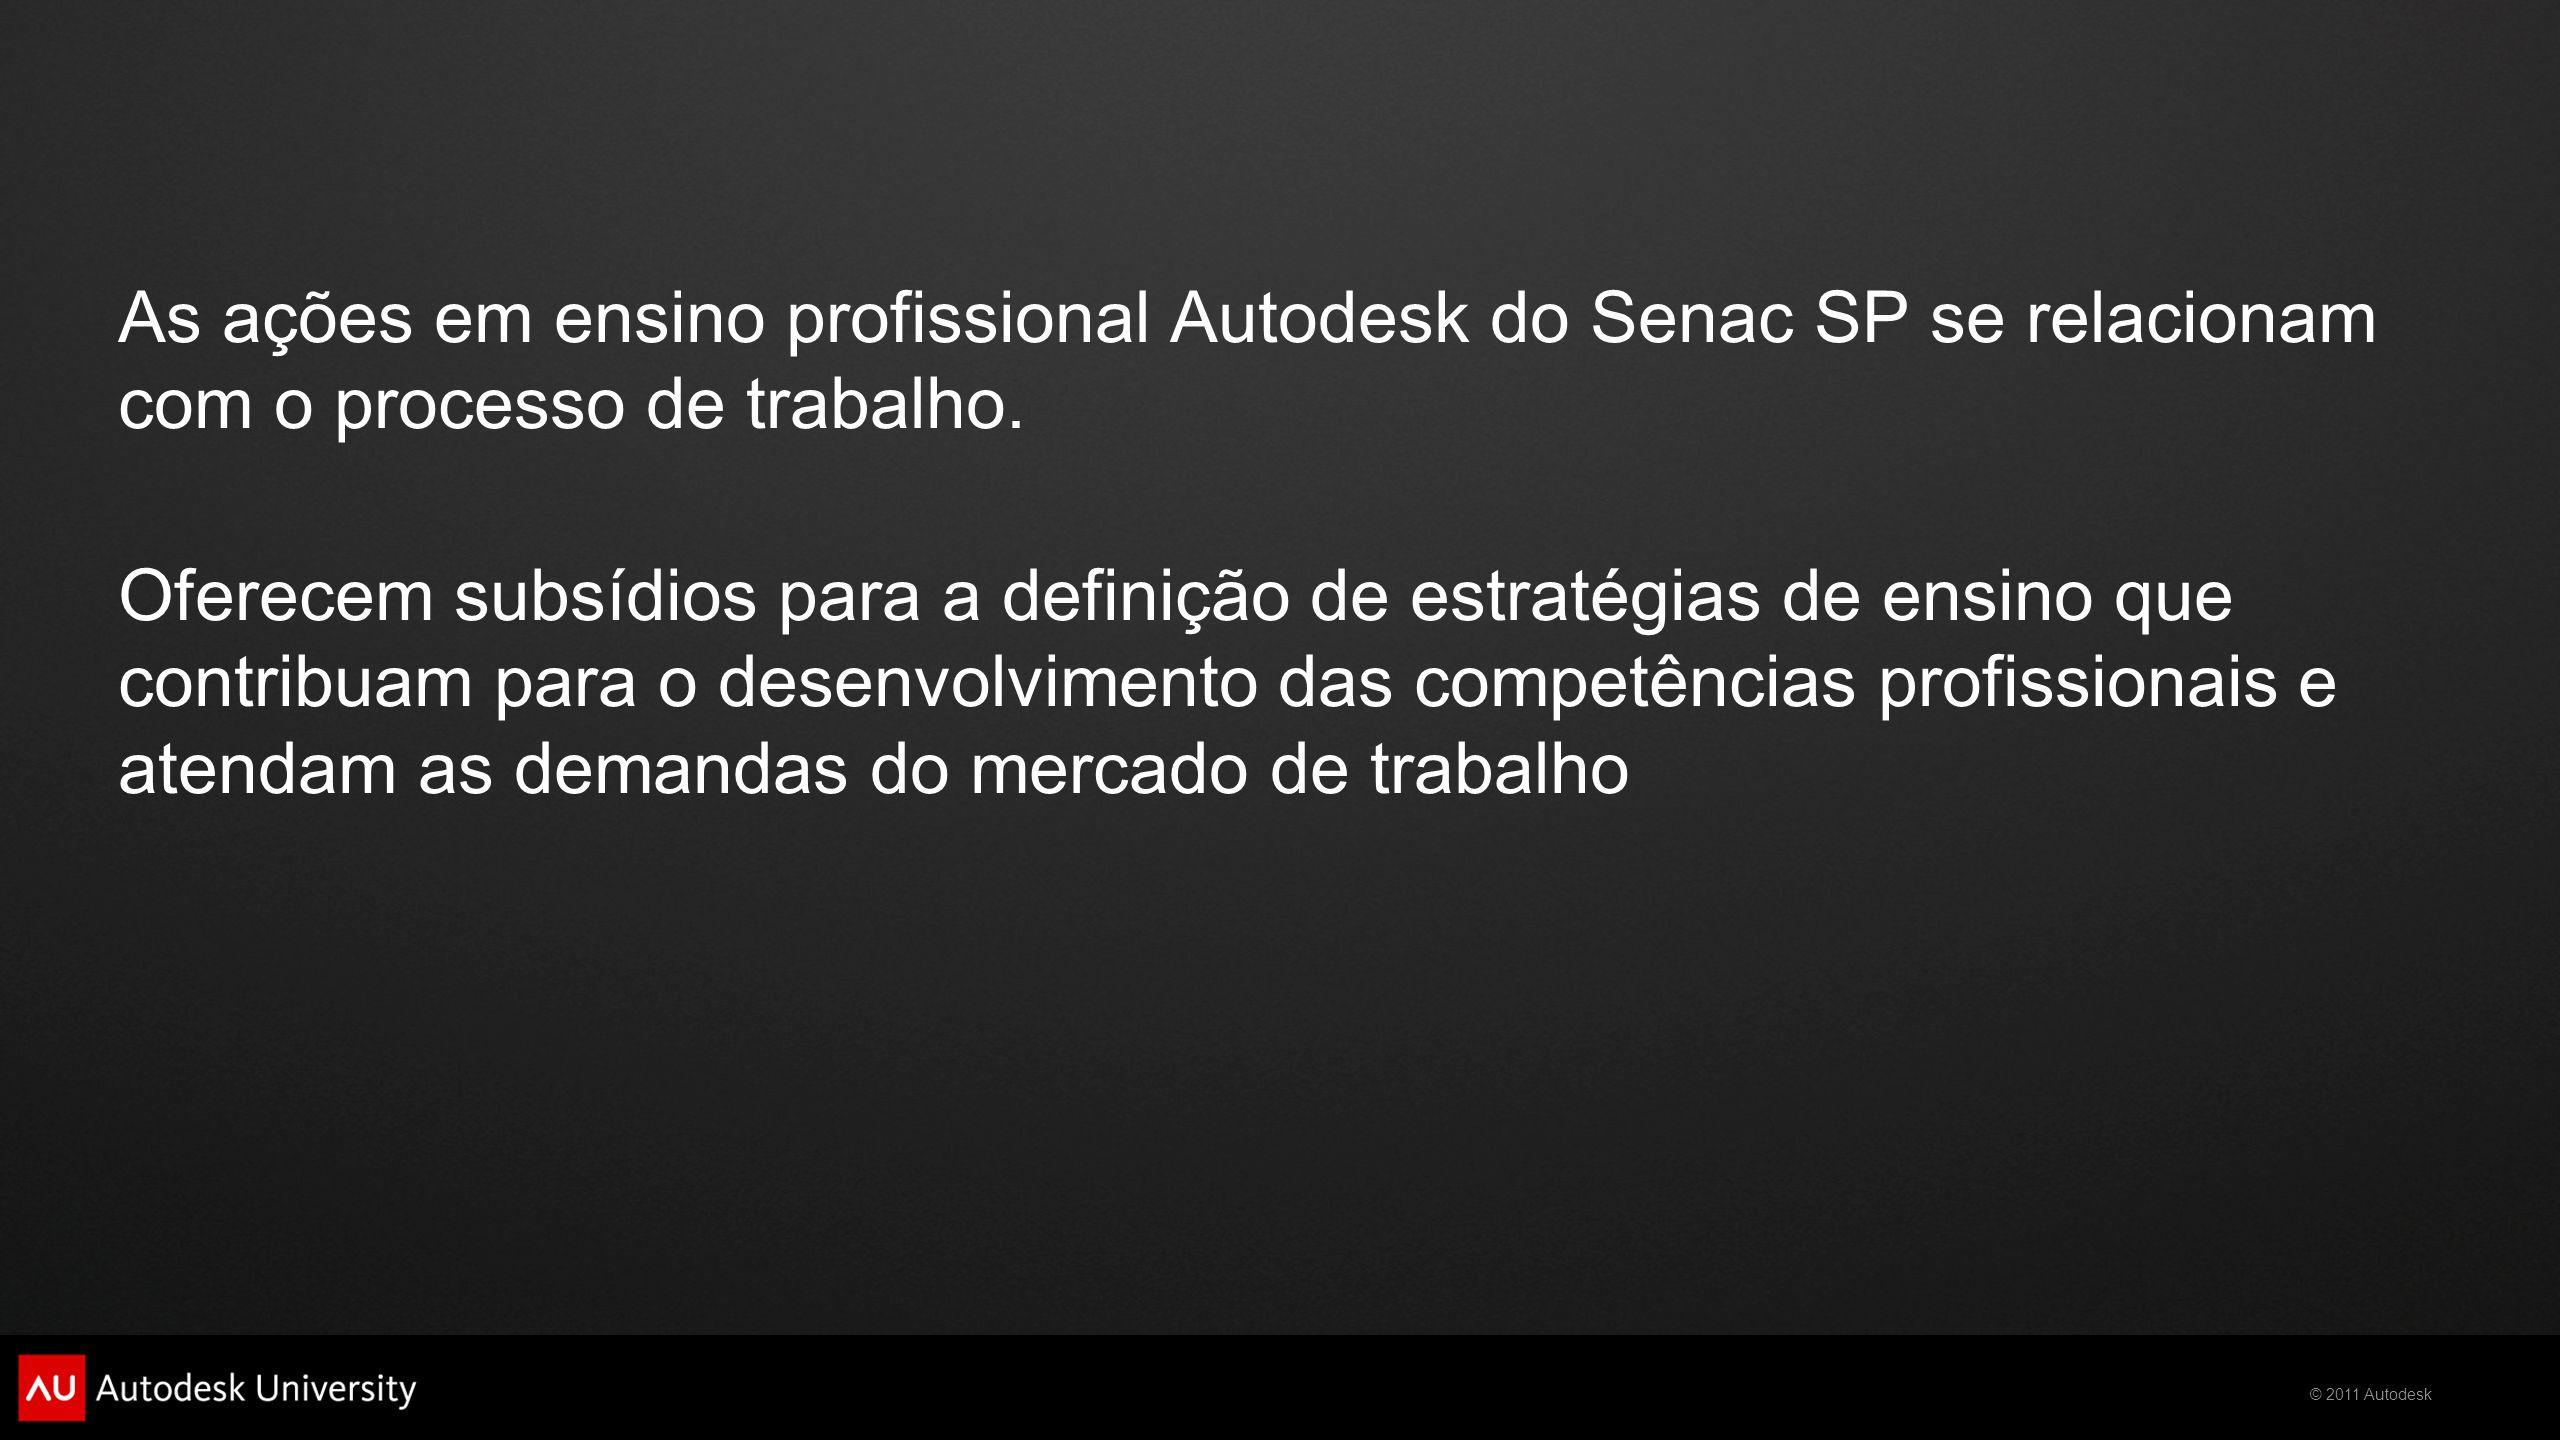 As ações em ensino profissional Autodesk do Senac SP se relacionam com o processo de trabalho.